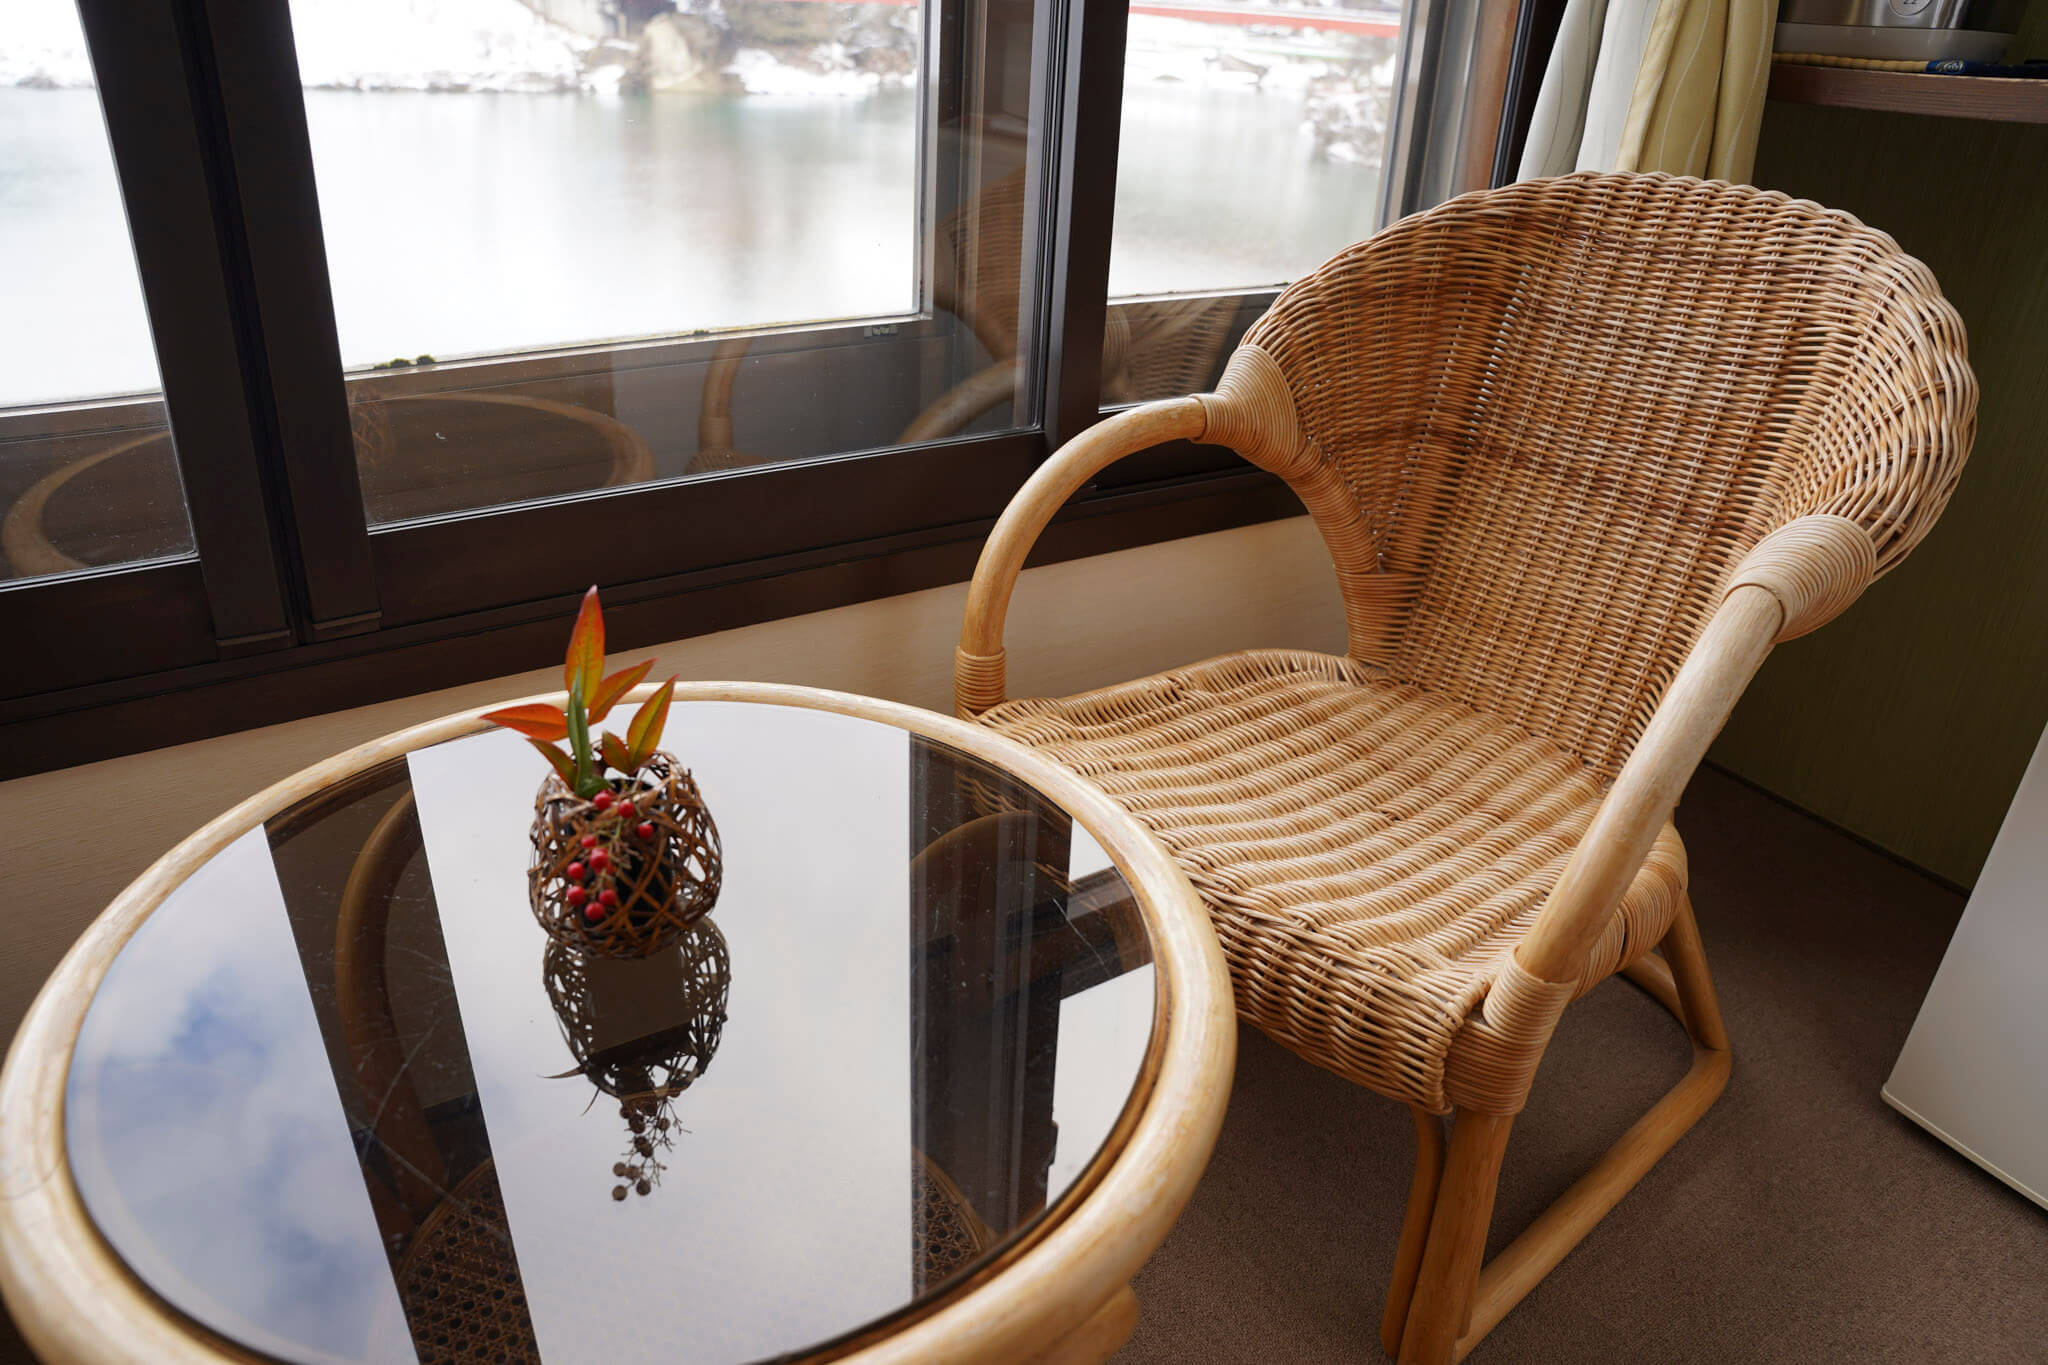 只見川と赤い橋を望む風情豊かな客室